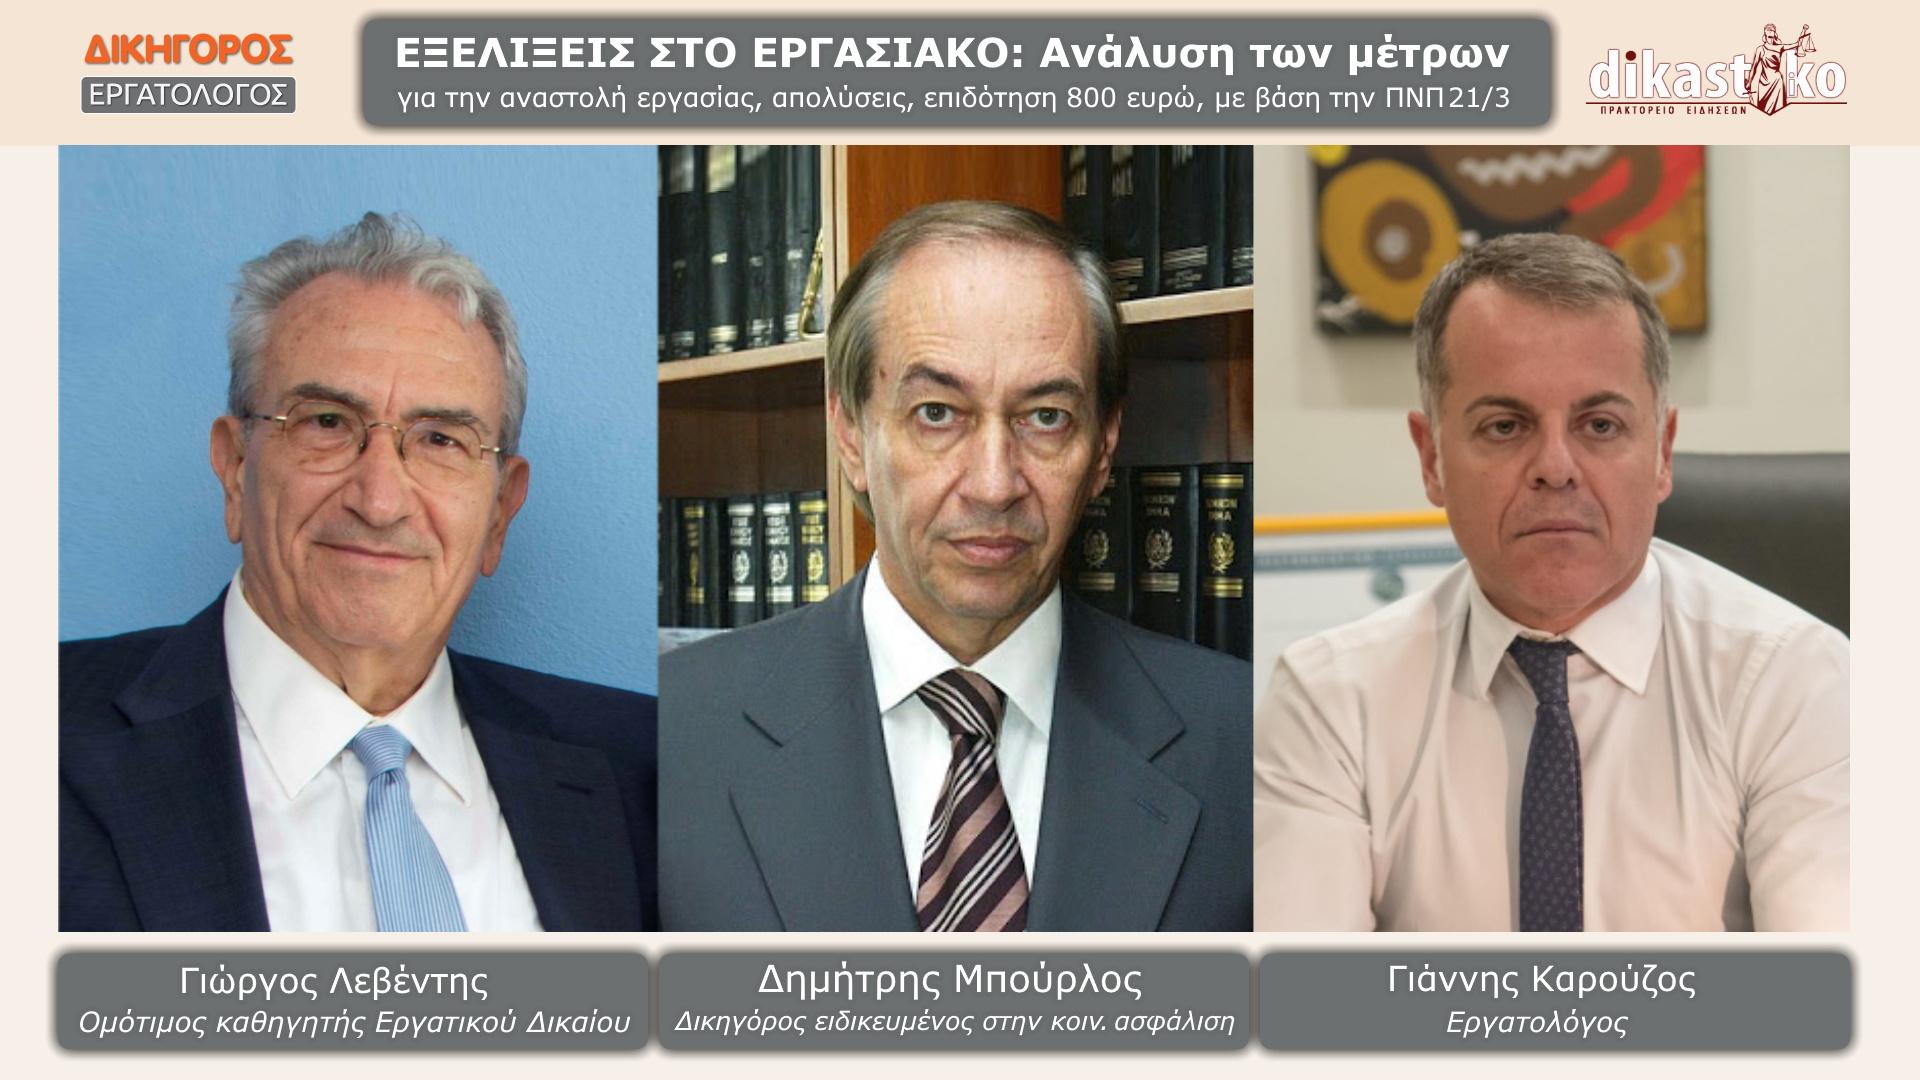 Σε απευθείας μετάδοση η συζήτηση από dikigorosergatologos.gr και dikastiko.gr για την ΠΝΠ της κυβέρνησης και τις επιπτώσεις που μπορεί να έχει στην εργασία